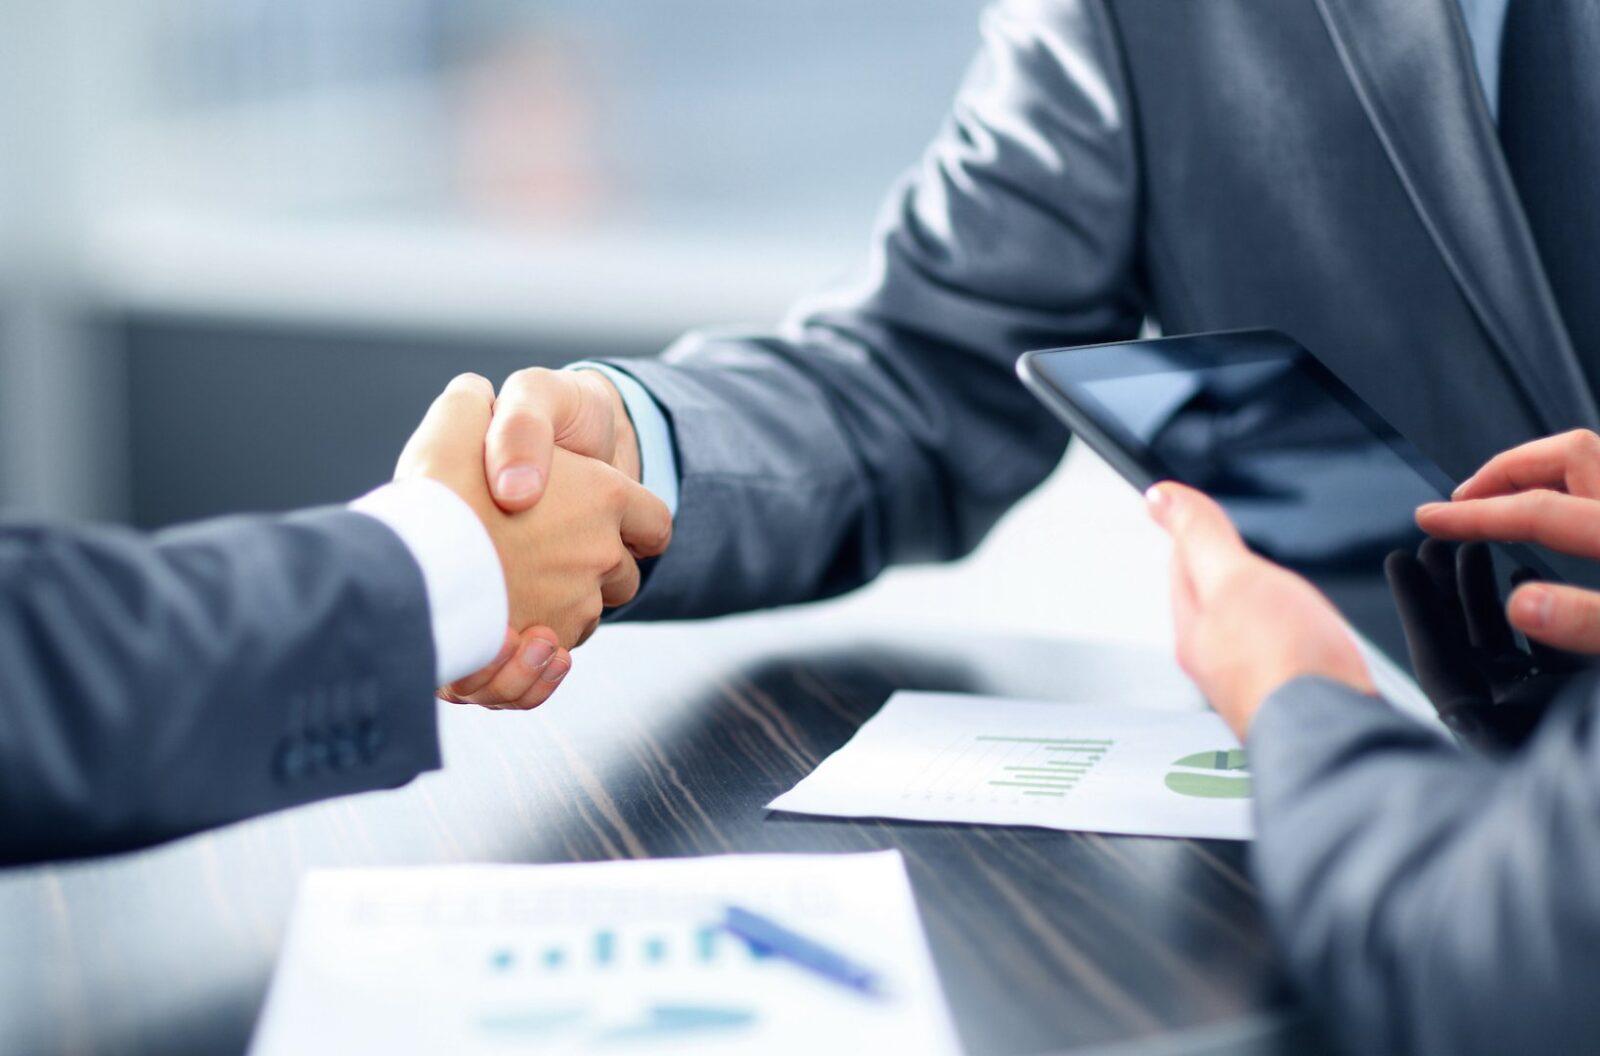 Тверские товаропроизводители готовятся к бизнес-миссии в Германию